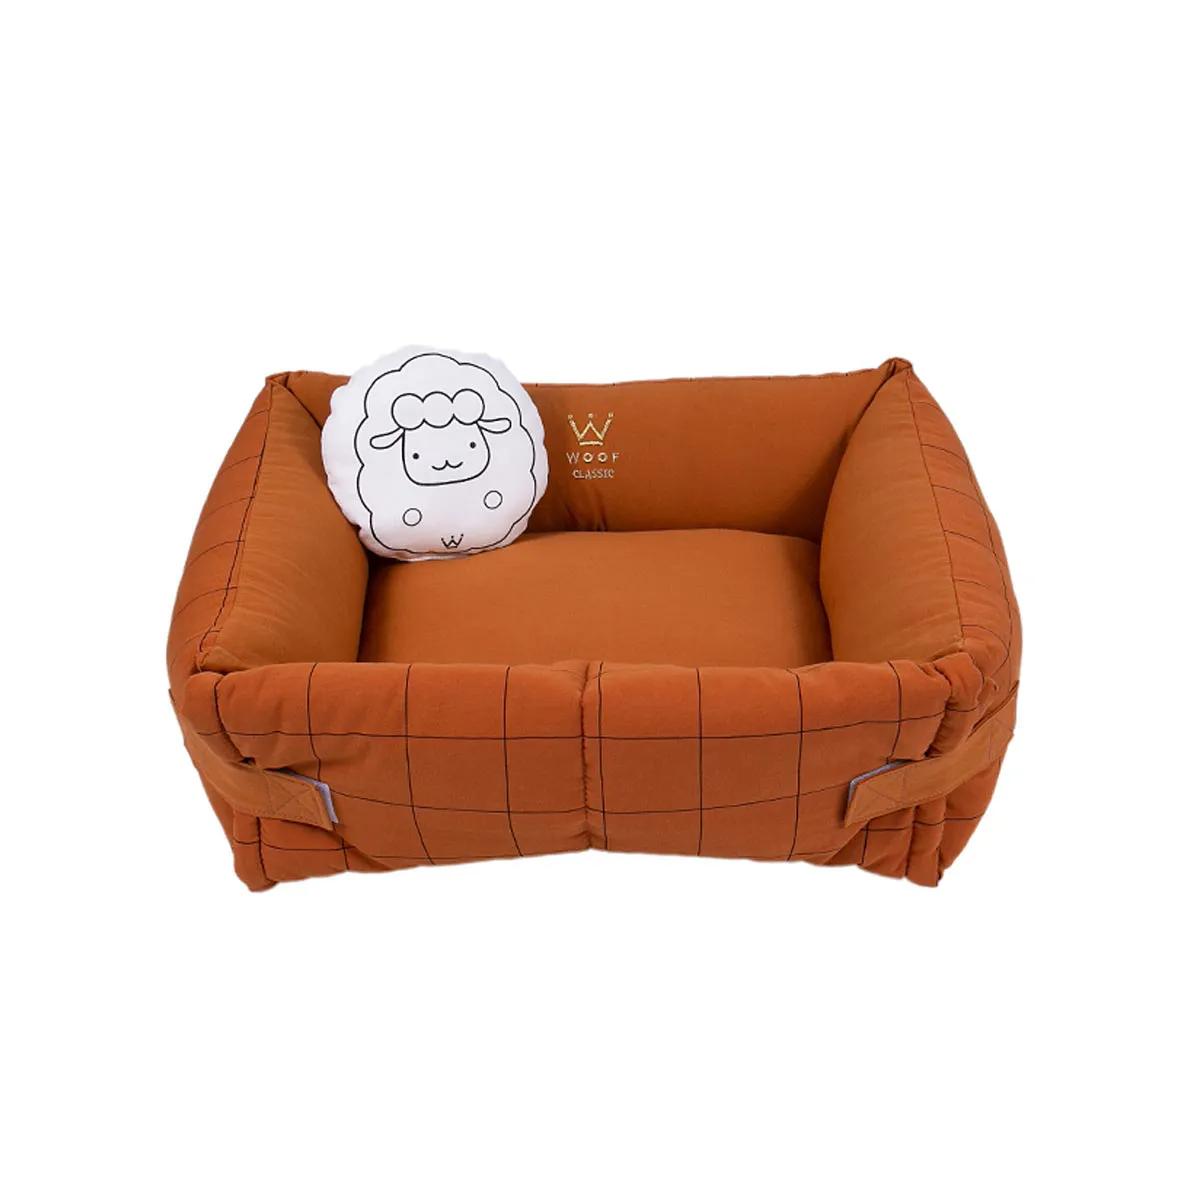 Cama para Cachorro e Gato Woof Pet Couch Grid Sarja / Linho Caramelo Sheep Grid